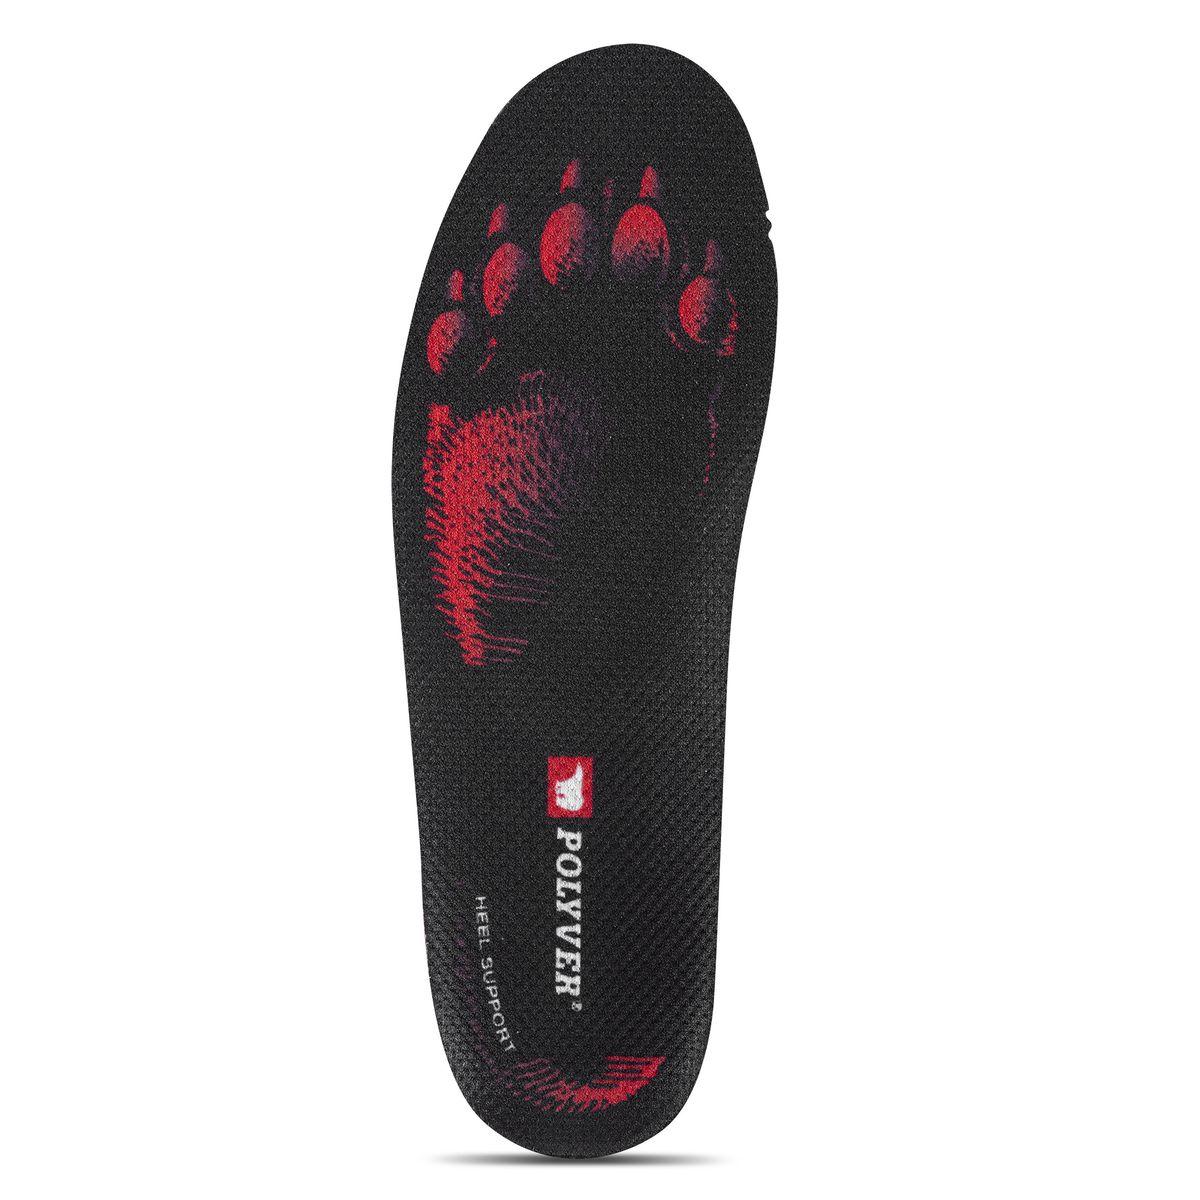 Стельки мужские POLYVER PREMIUM, цвет: красно-черный. Размер: 42-4326258873Термоизоляционные стельки Polyver отлично защищают ноги от холода при этом отводя лишнюю влагу. Стельки состоят из трех слоев: впитывающий влагу, амортизационный, термоизоляционный. Комфорт:- анатомическая форма с поддержкой пятки- стабилизация стопы для уменьшения боли с суставах- повышает устойчивость и уменьшает усталость - производятся только в Швеции